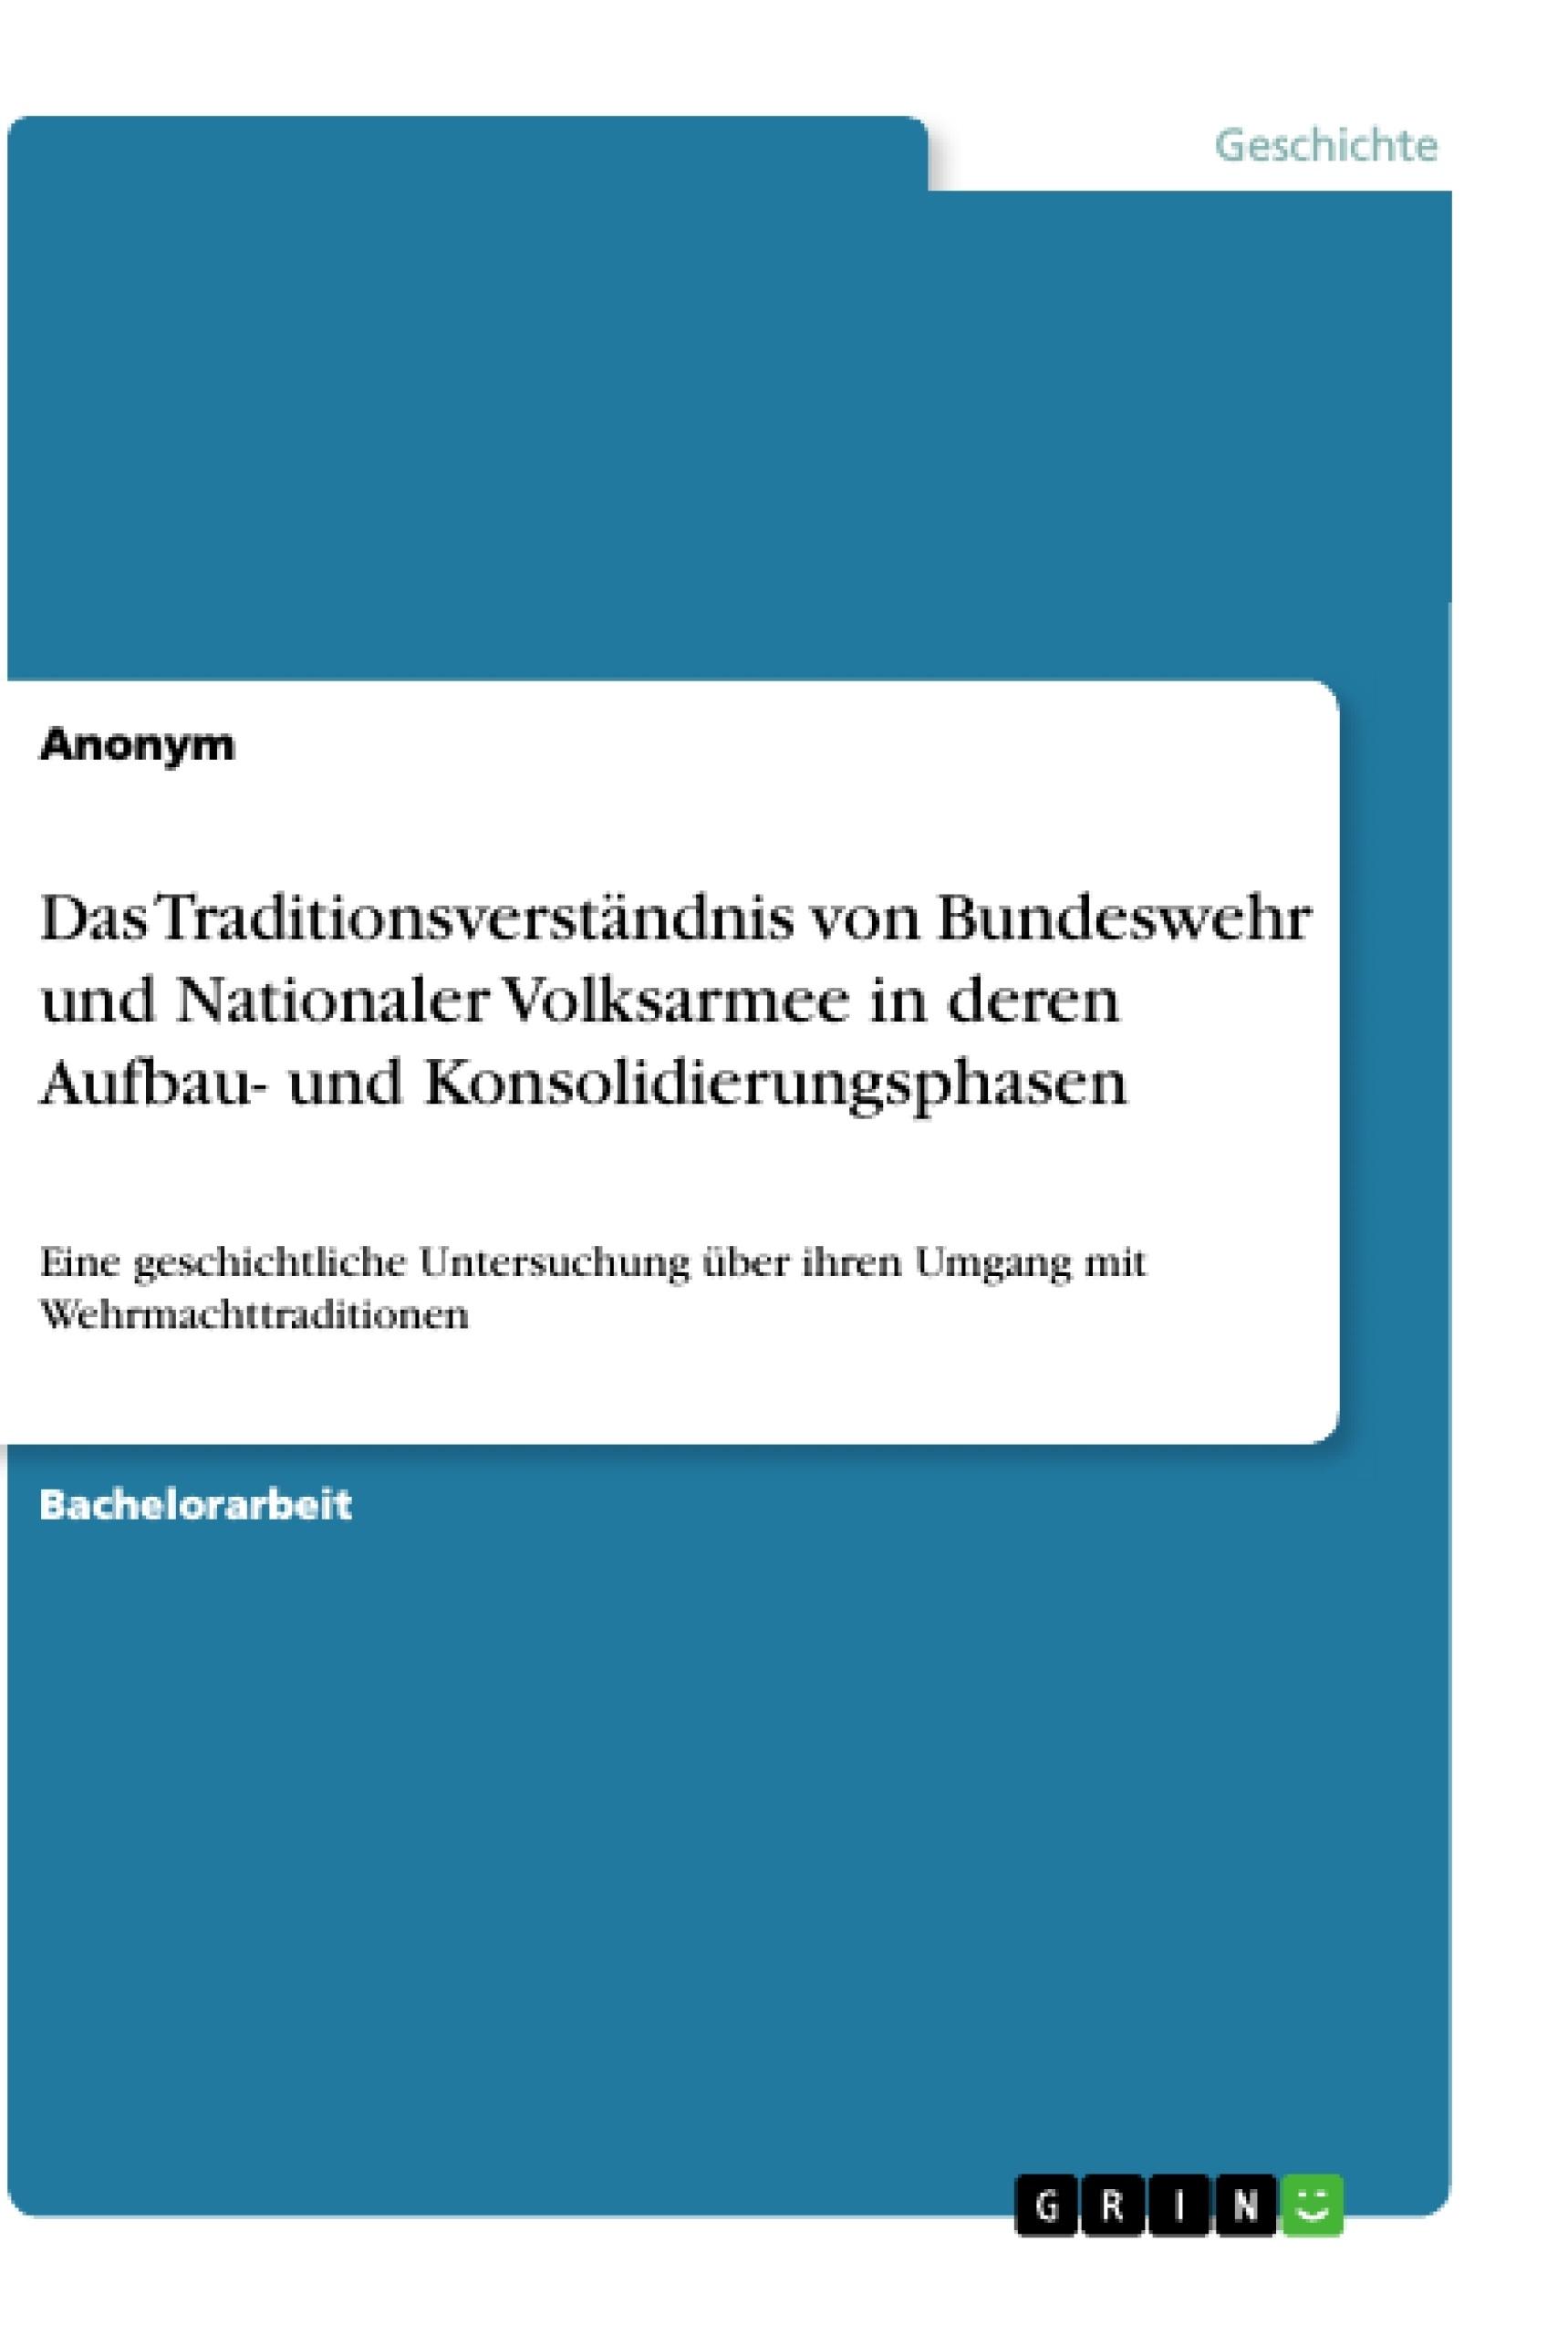 Titel: Das Traditionsverständnis von Bundeswehr und Nationaler Volksarmee in deren Aufbau- und Konsolidierungsphasen